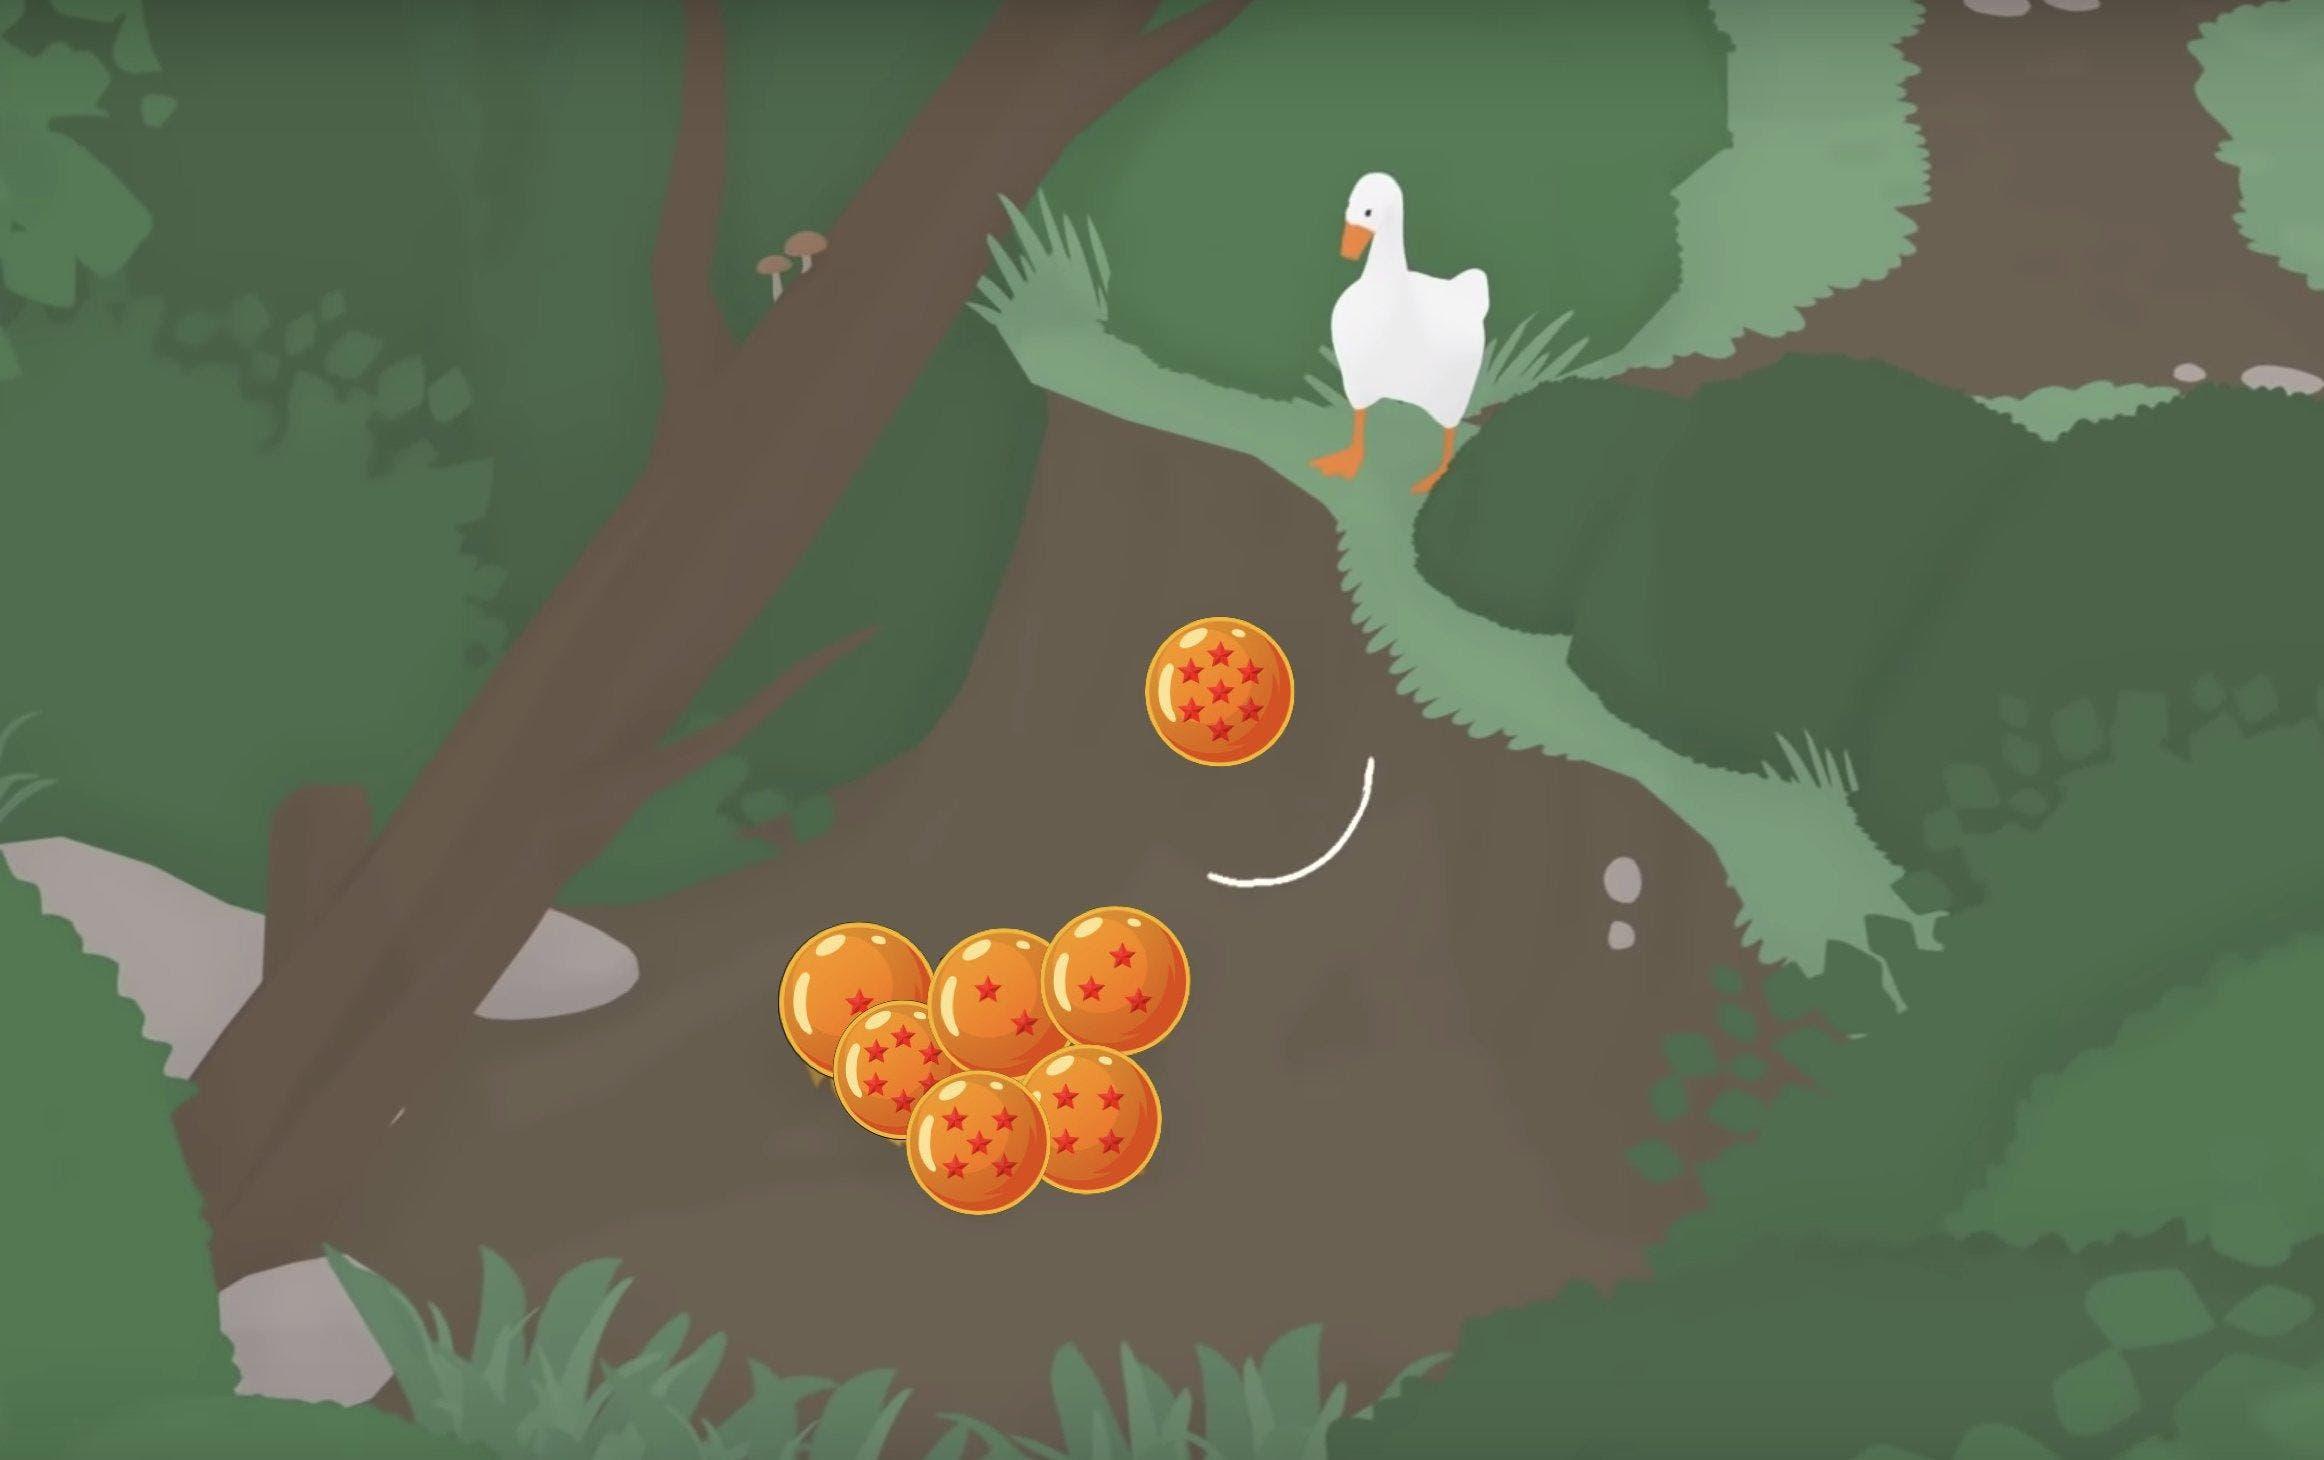 El ganso de Untitled Goose Game pulveriza enemigos en Dragon Ball Z Kakarot gracias a un increíble mod 7